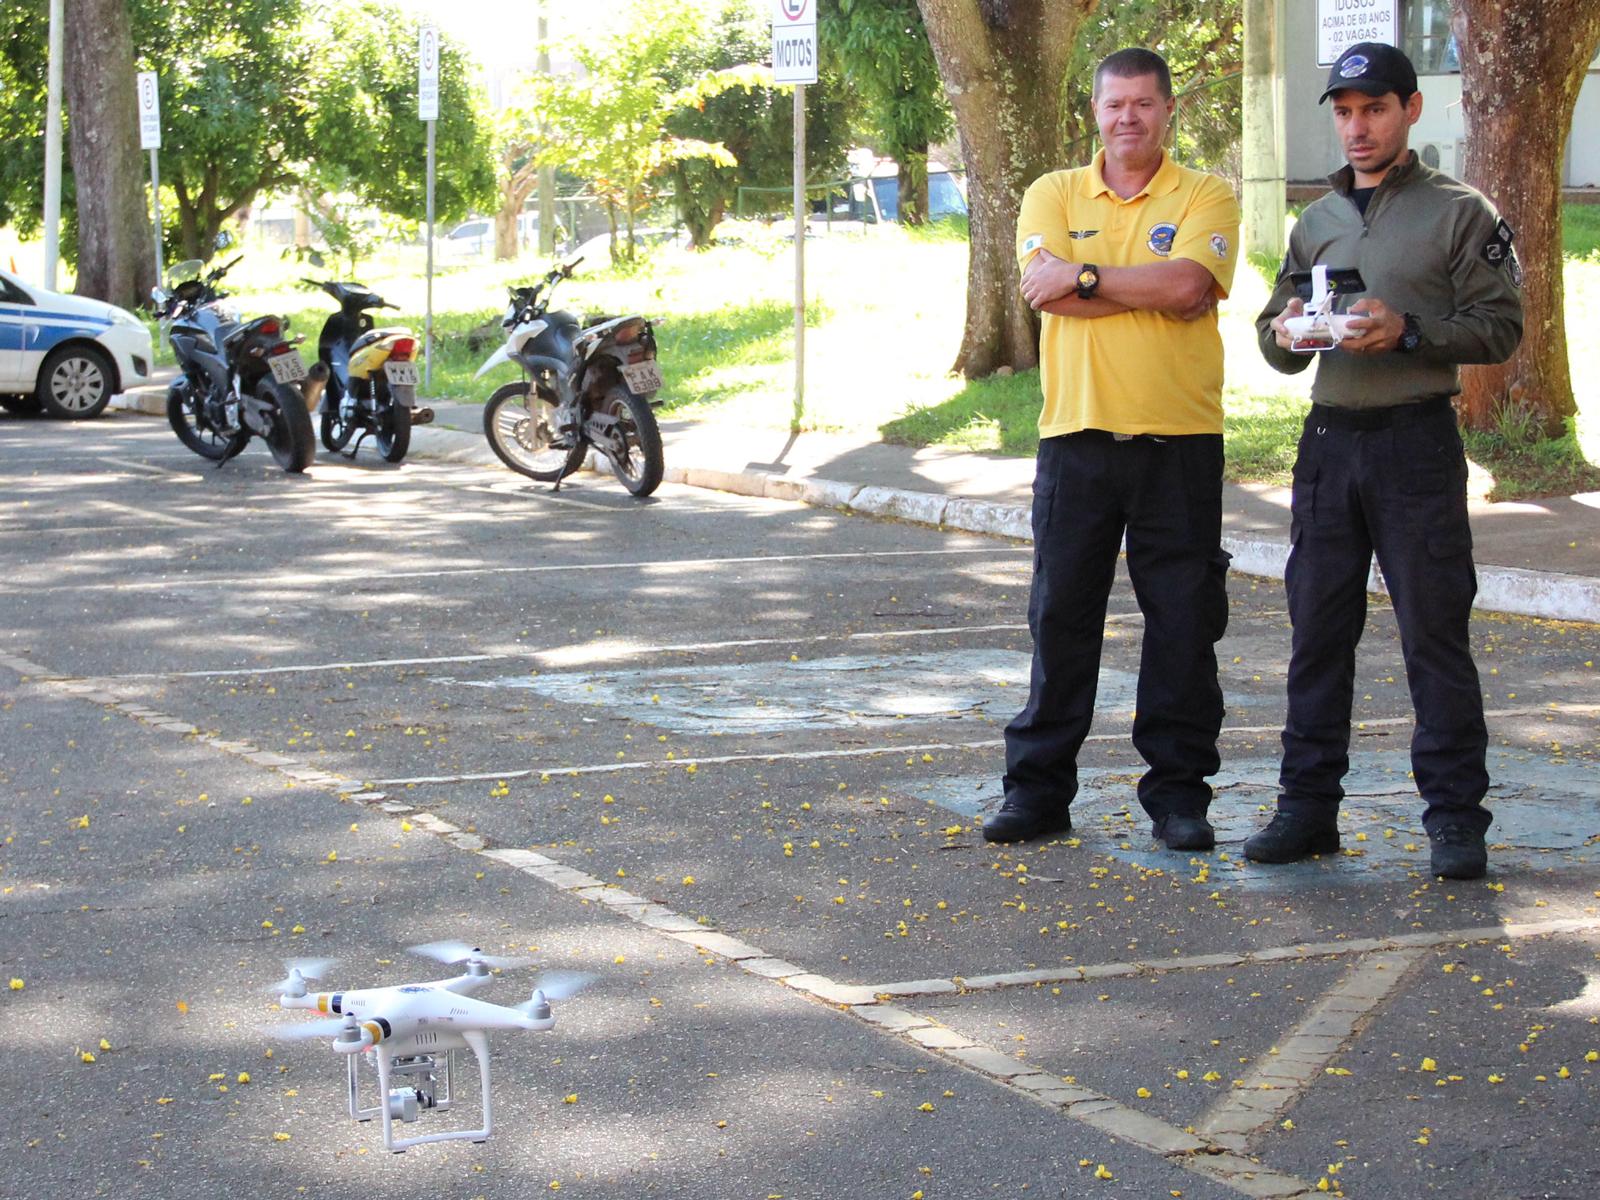 Agentes do Detran começam a fiscalizar motoristas em Brasilia com drones